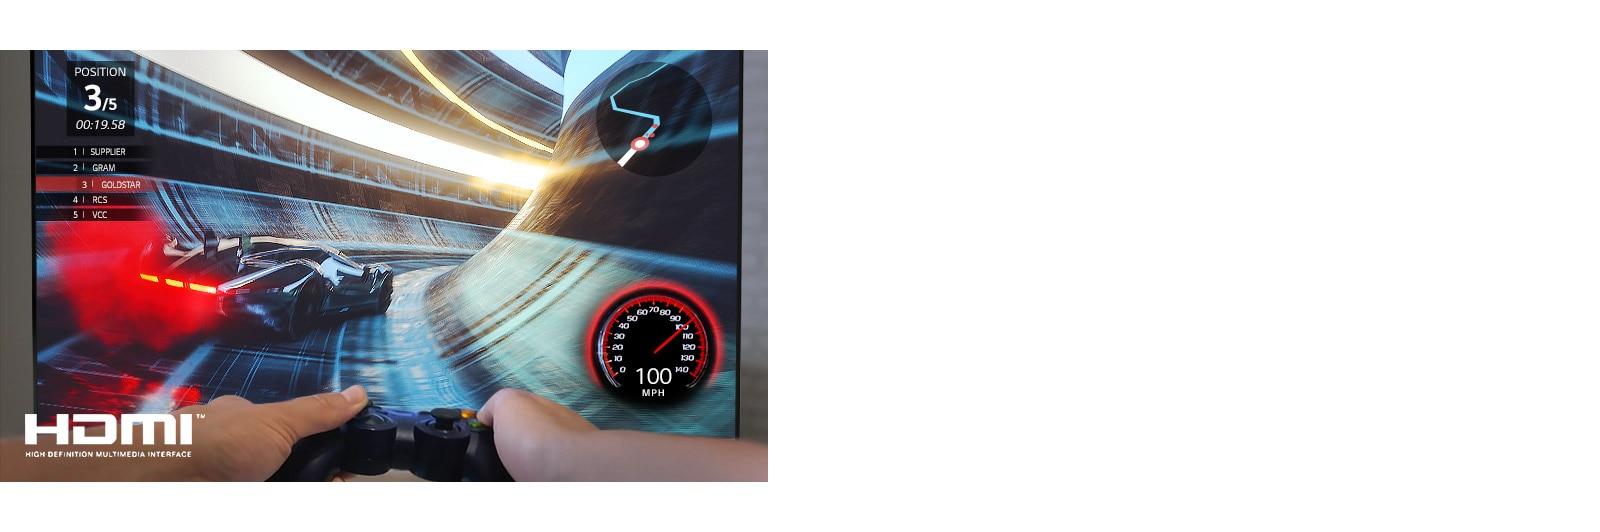 Ráközelítés egy játékosra, aki versenyautós játékot játszik a TV képernyőjén